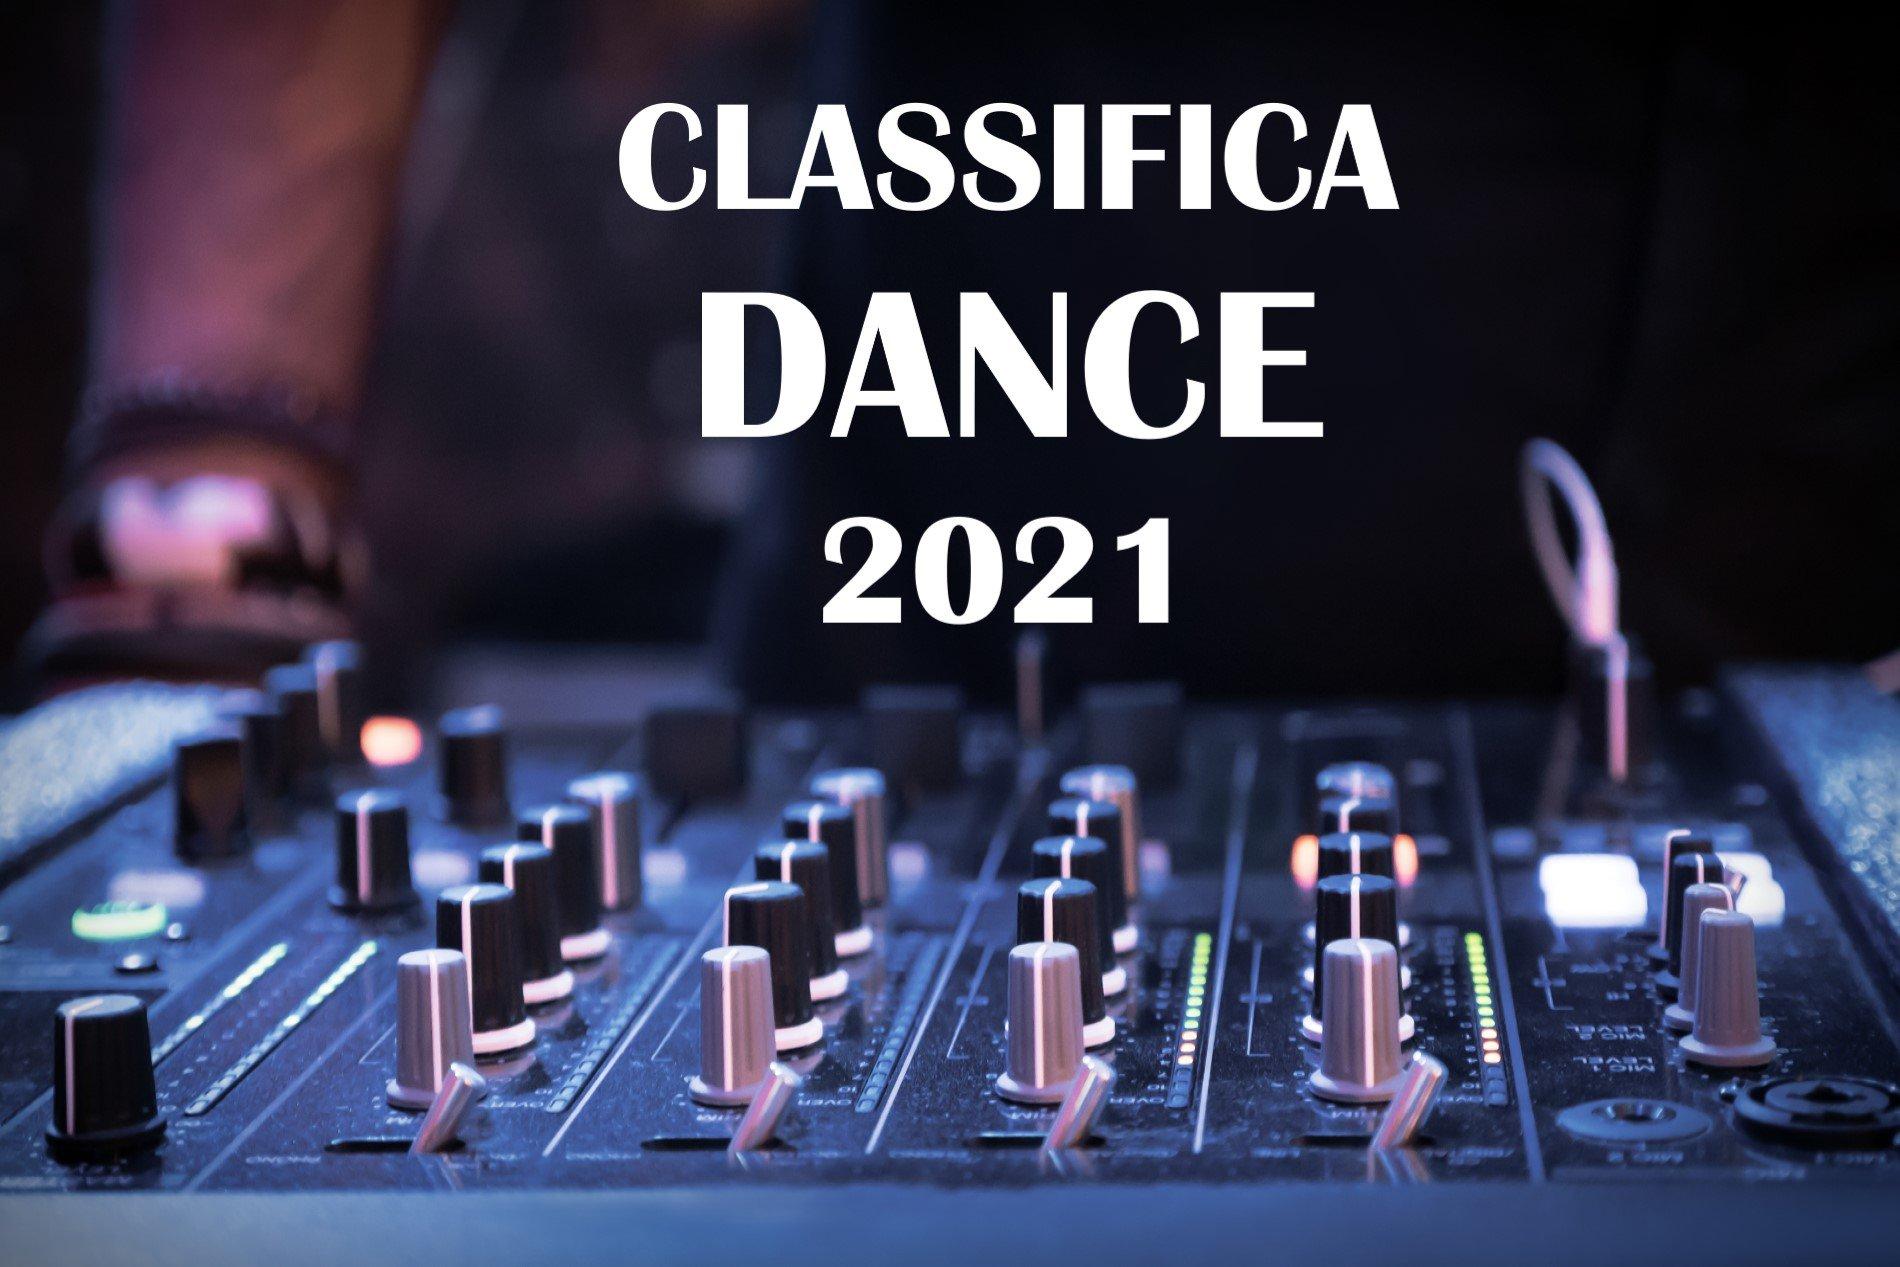 CLASSIFICA DANCE 2021